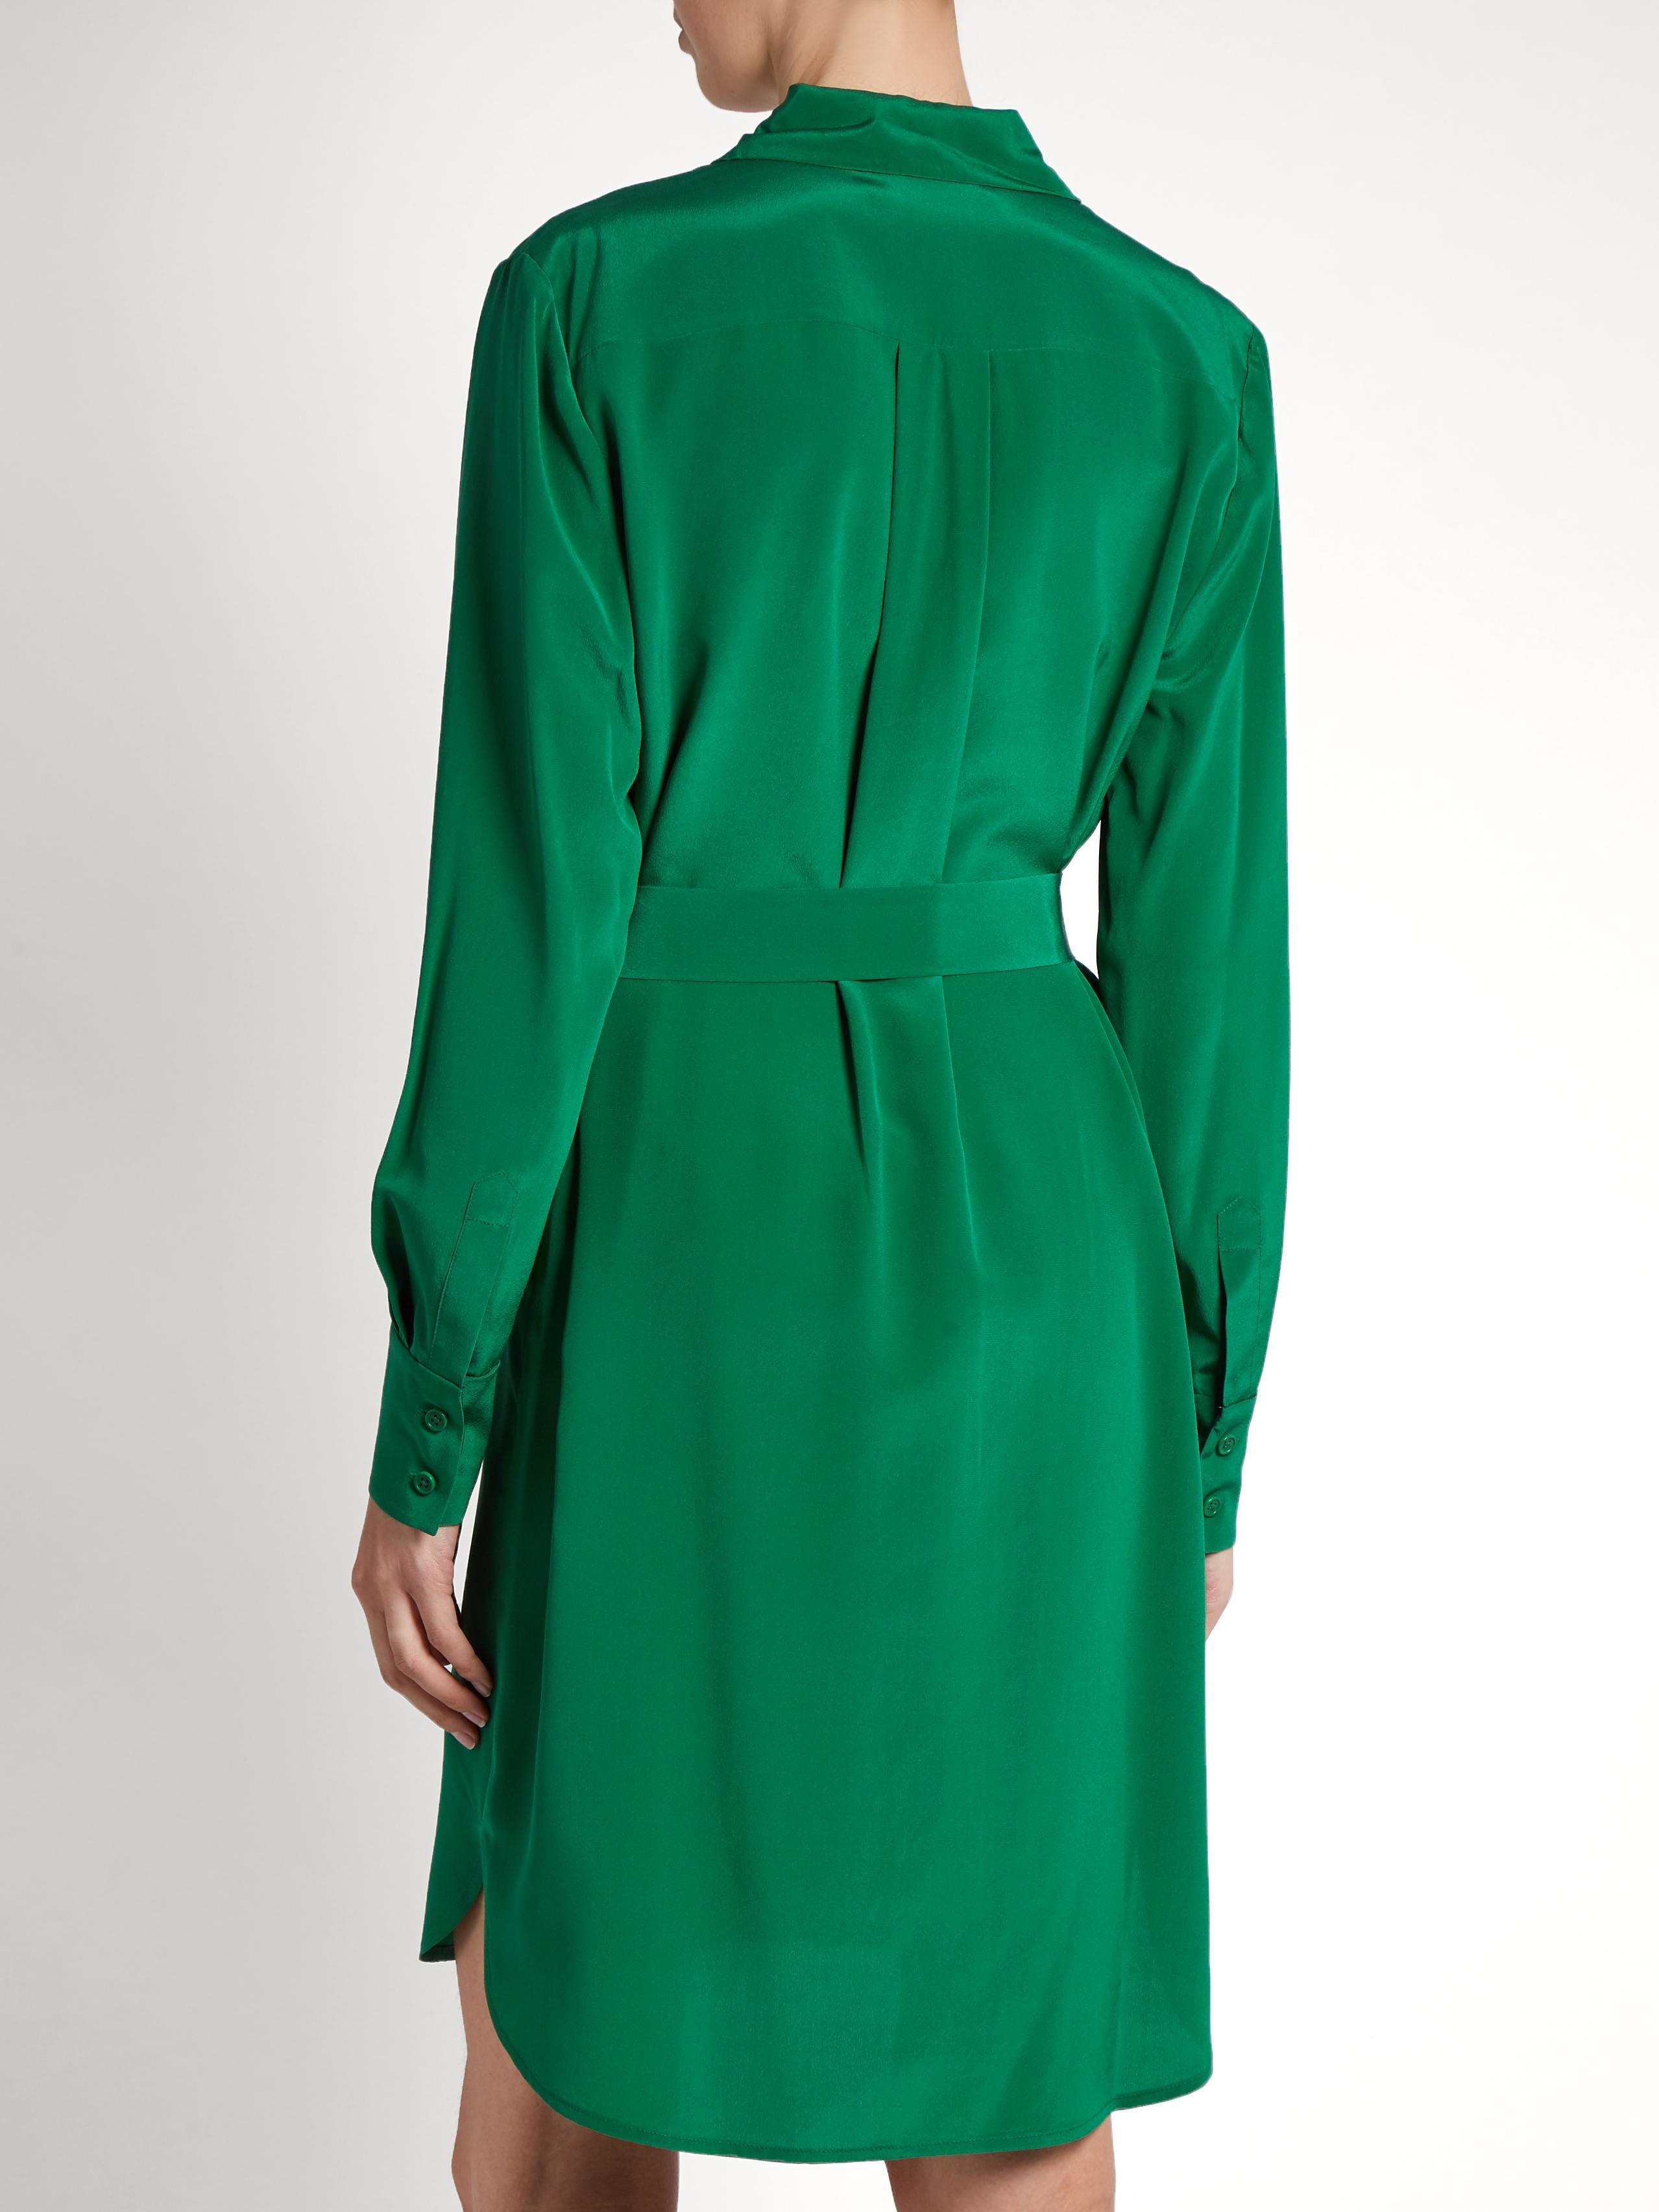 989e377259 ... Diane von Furstenberg Bi colour Silk Shirtdress in Green Lyst